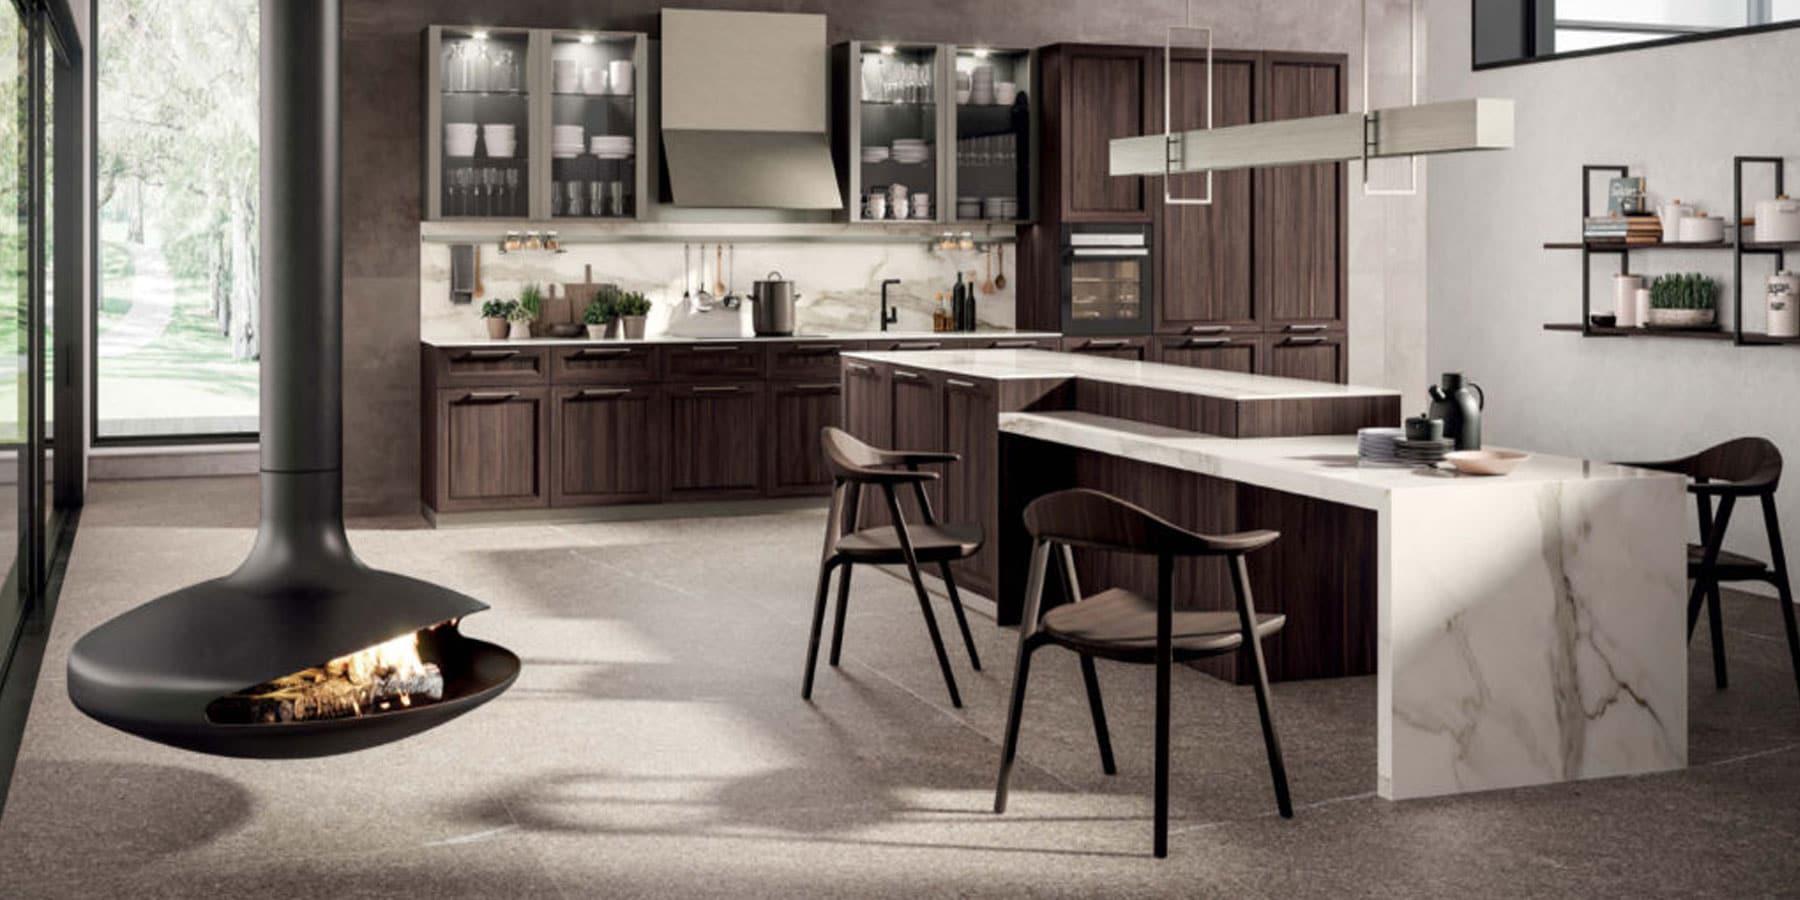 Dorchena Interiors by Istoria Brown Wood Kitchen